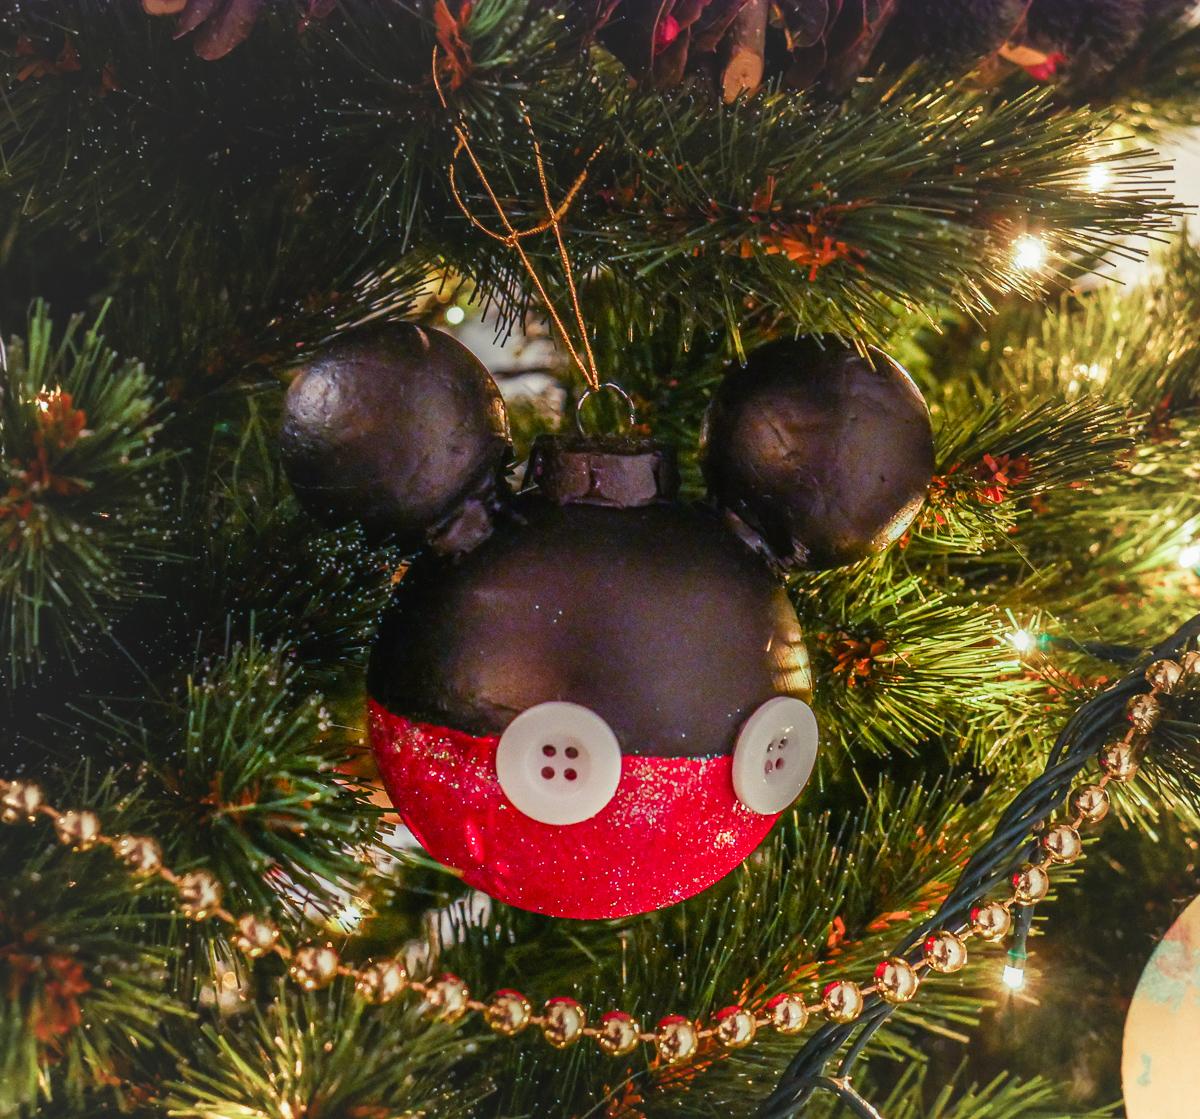 créer des décorations maison sur le thème de Disney avec Mickey Mouse